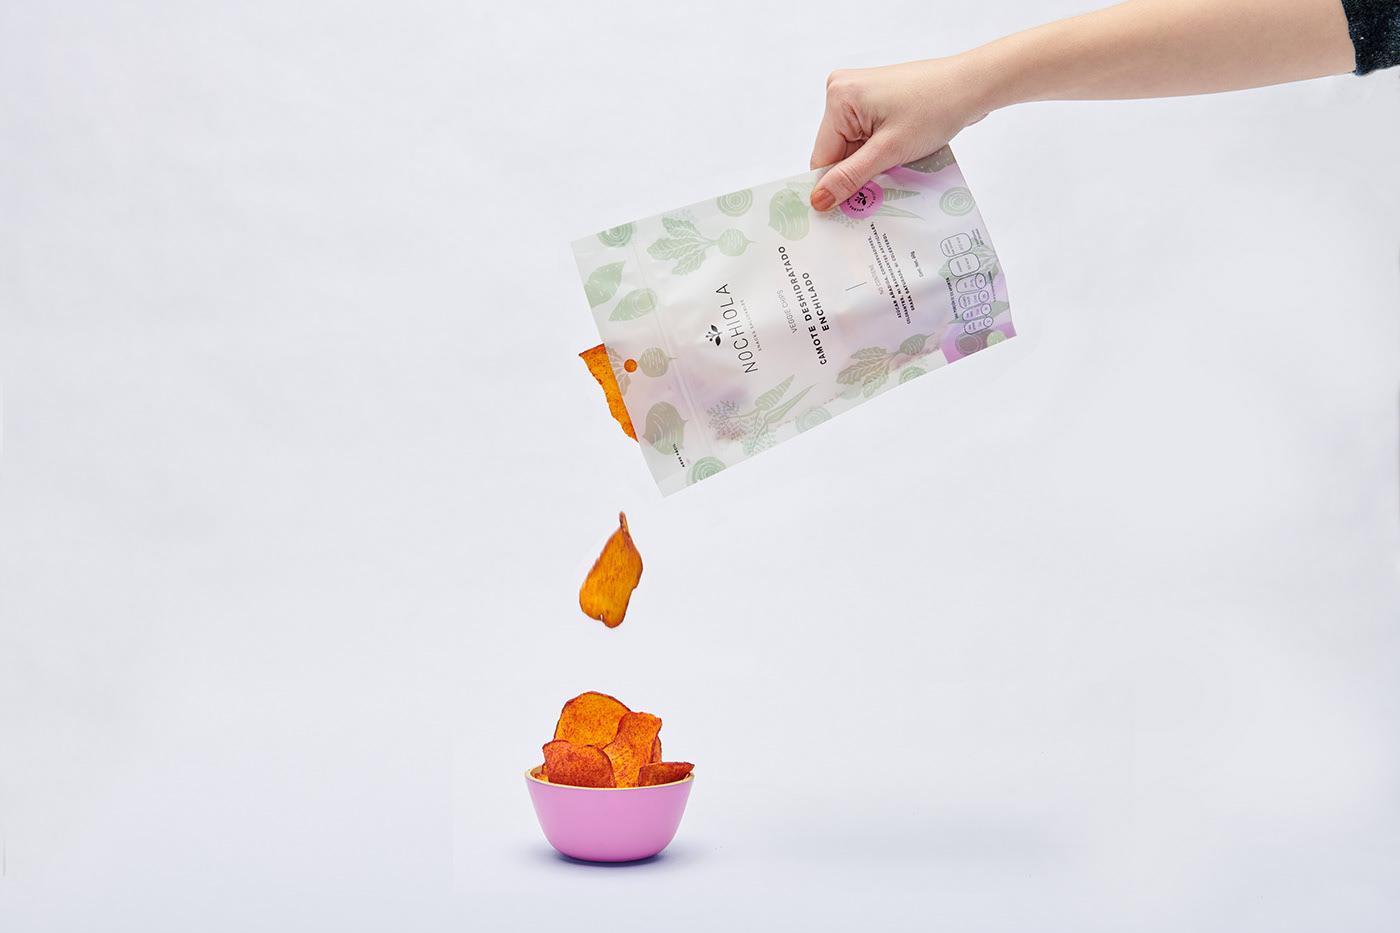 一桶爆米花都美出天际,还有理由不好好设计包装?